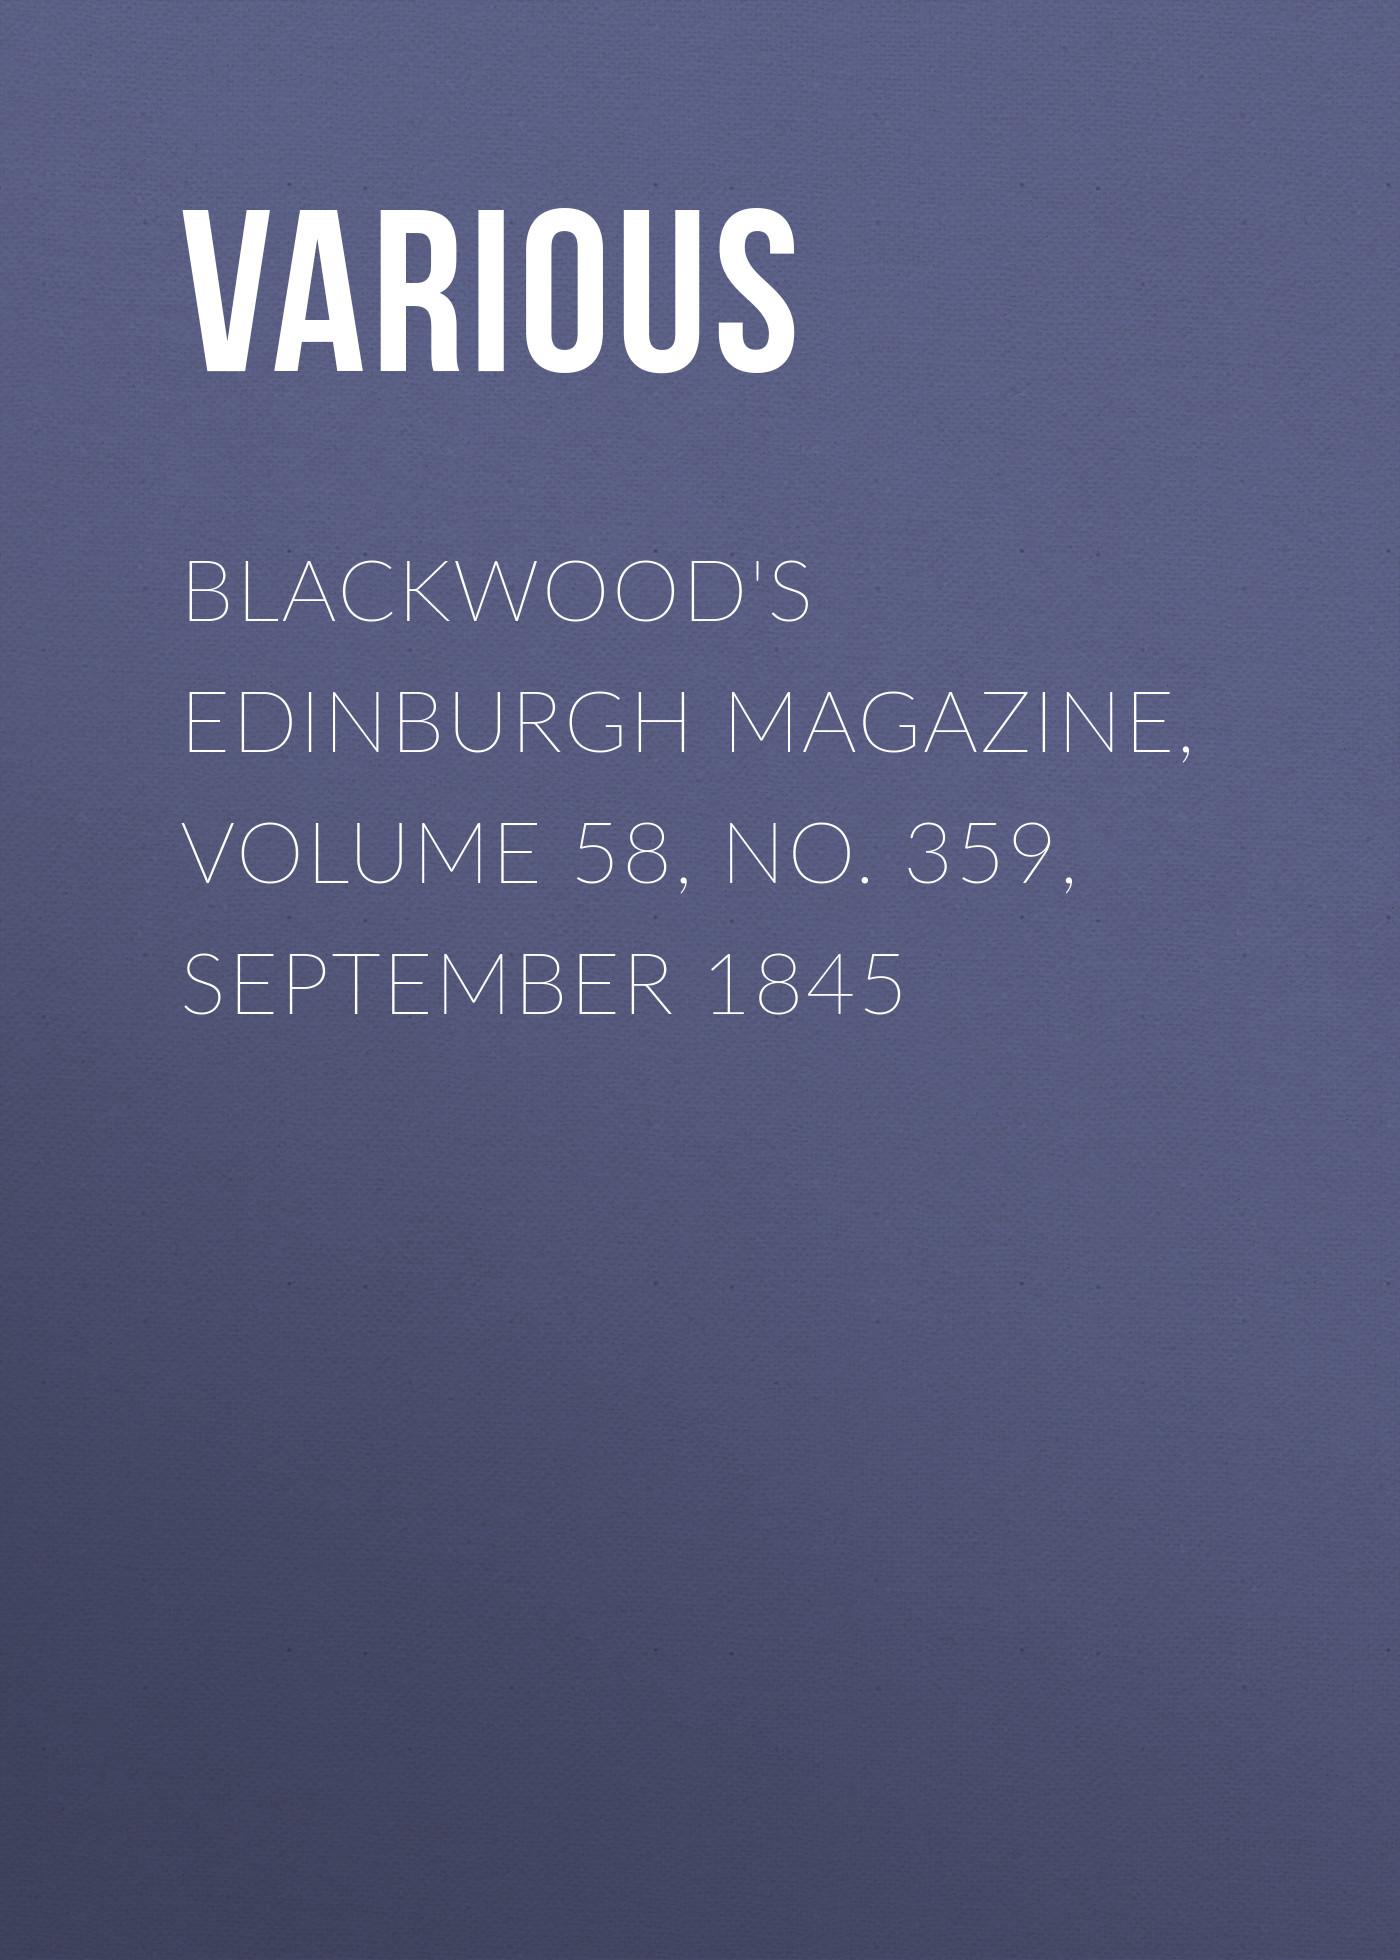 лучшая цена Various Blackwood's Edinburgh Magazine, Volume 58, No. 359, September 1845